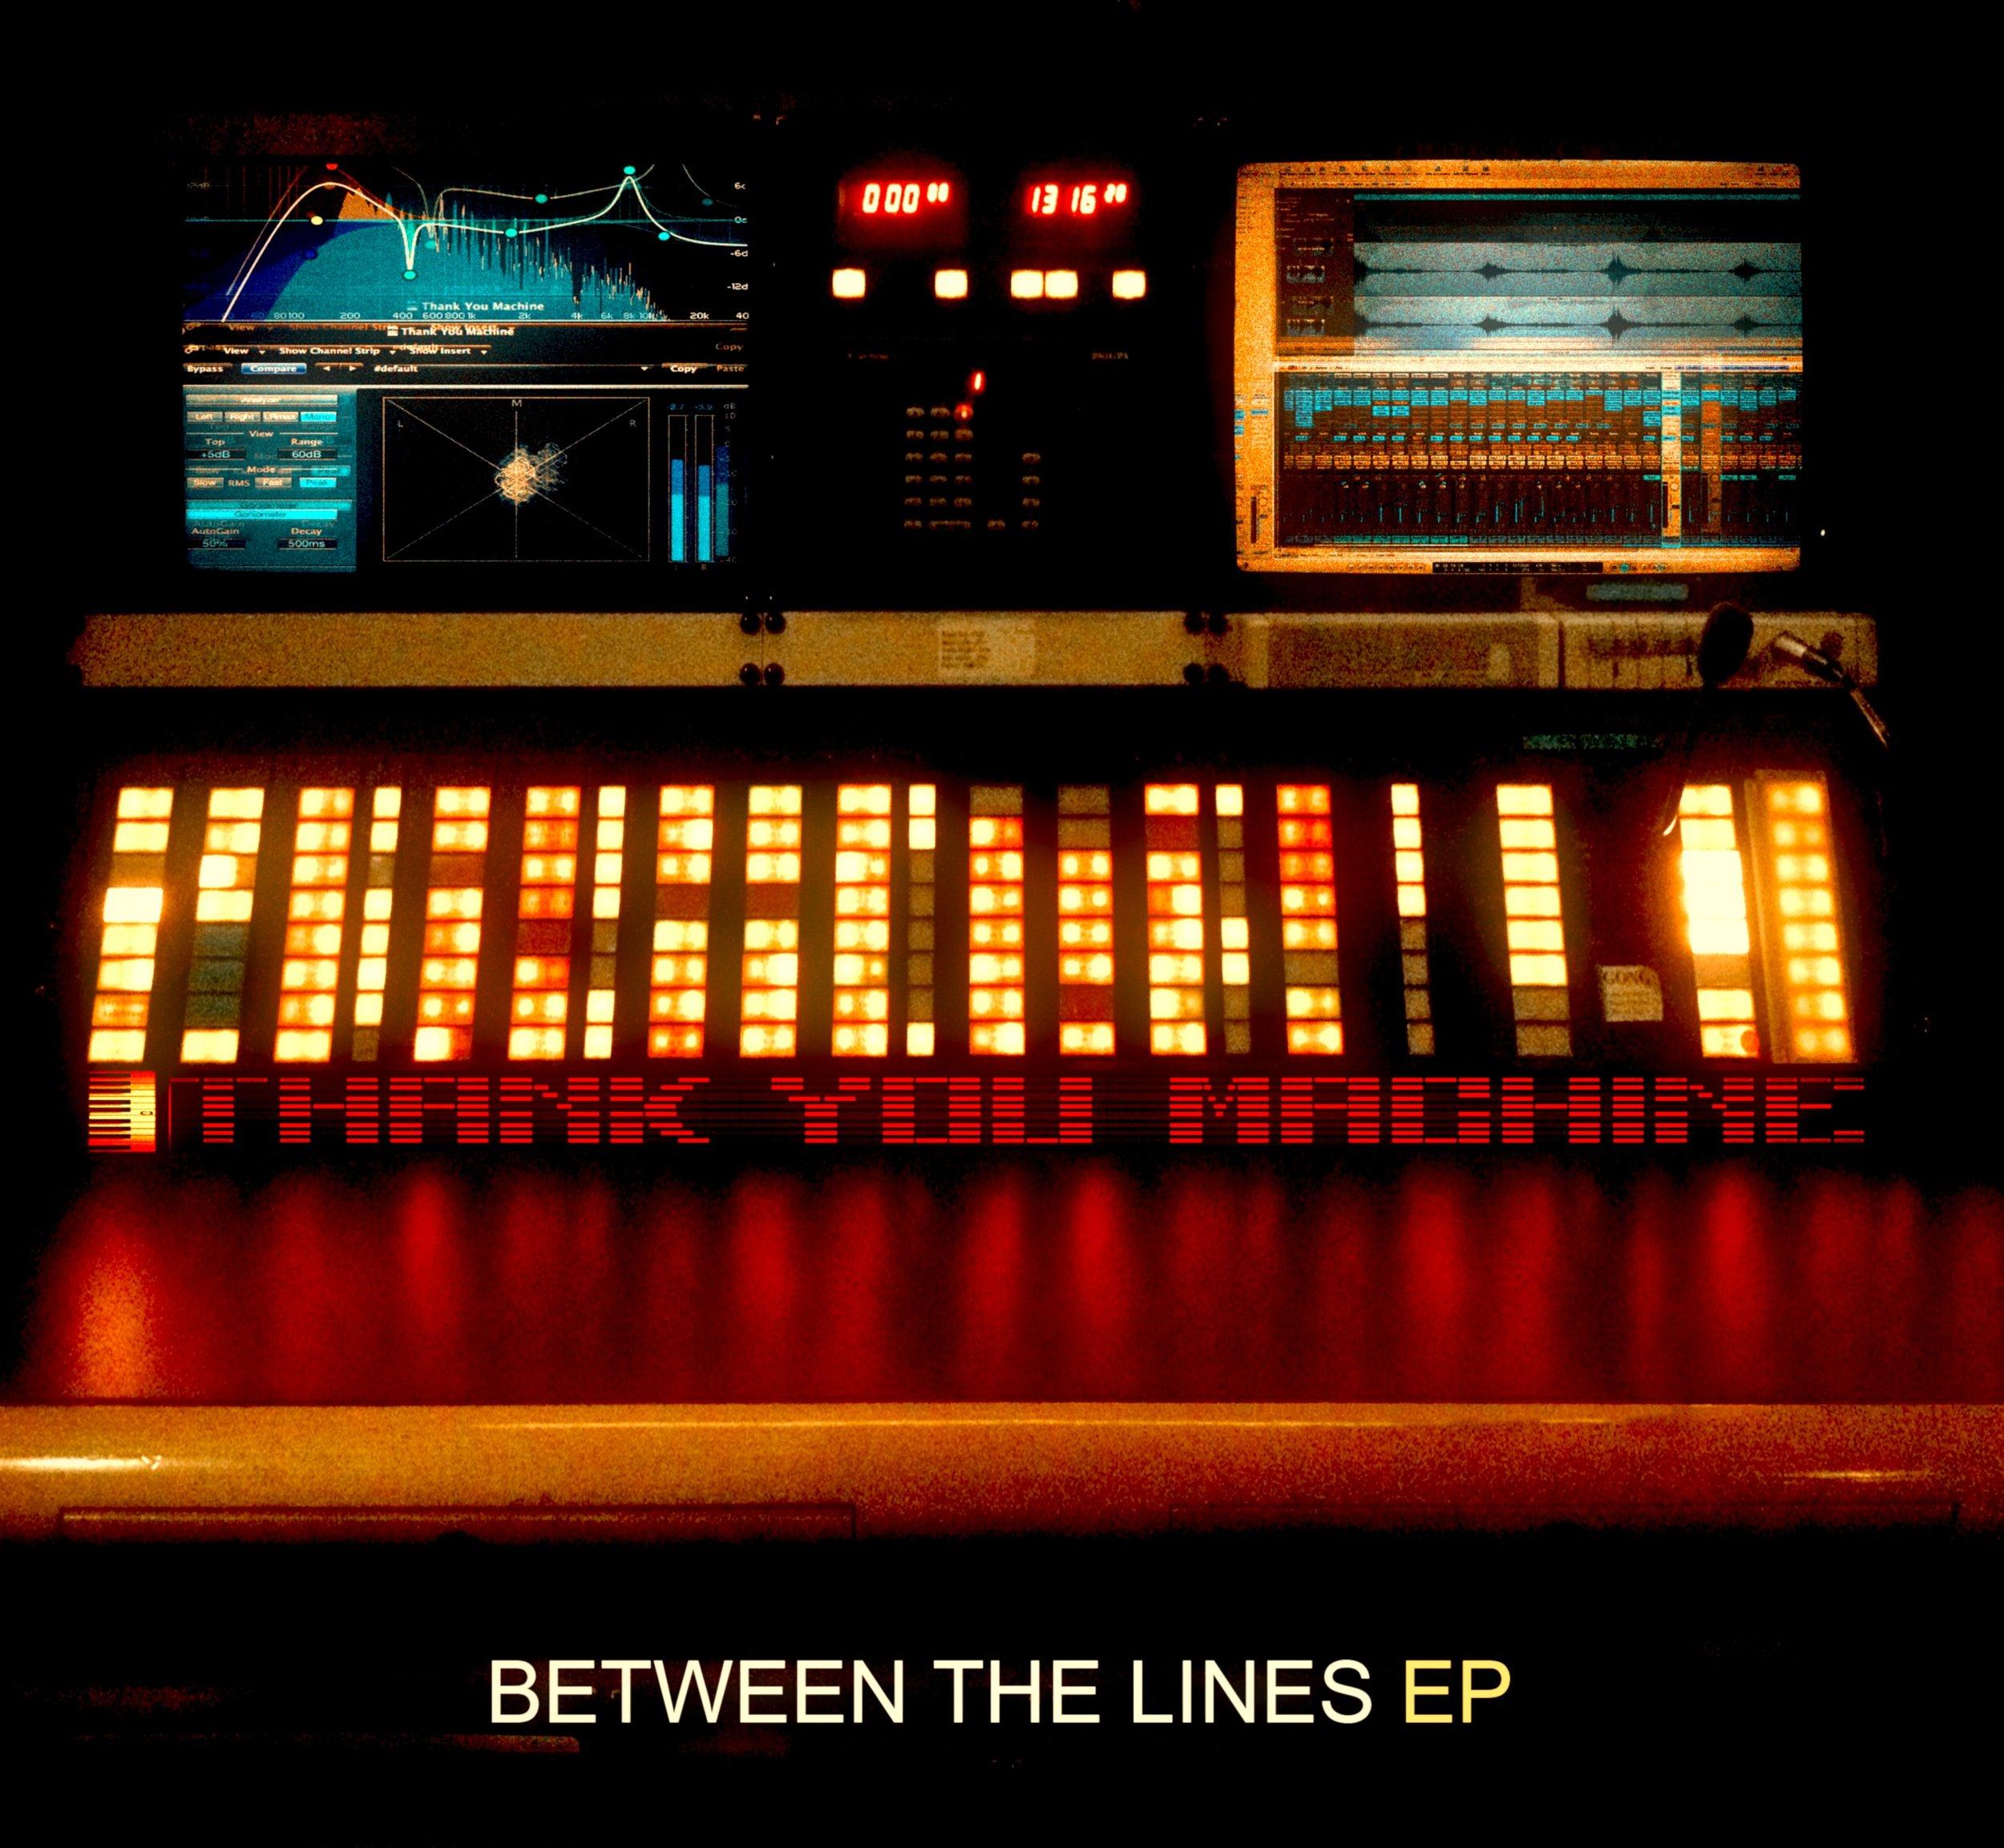 B77015-Between The Lines EP.jpg